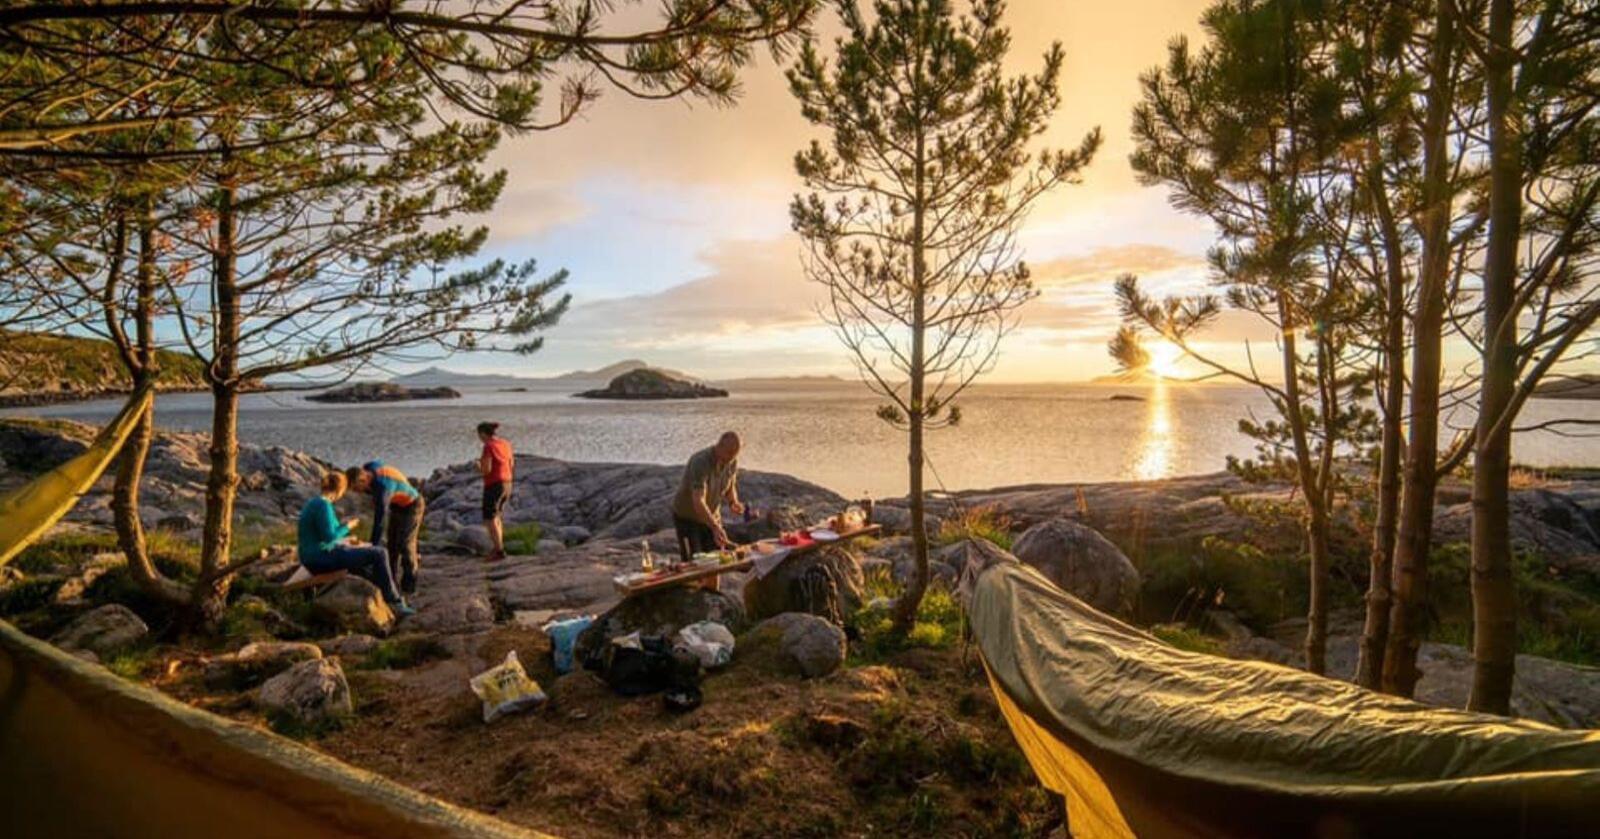 Drømmehøstferie. Salget av hengekøyer har eksplodert under korona. Samtidigferierer stadig flere i norsk natur. Her fra hengekøyeparken Riksgrensen ved havet iMidsund. Foto: Jiri Paur